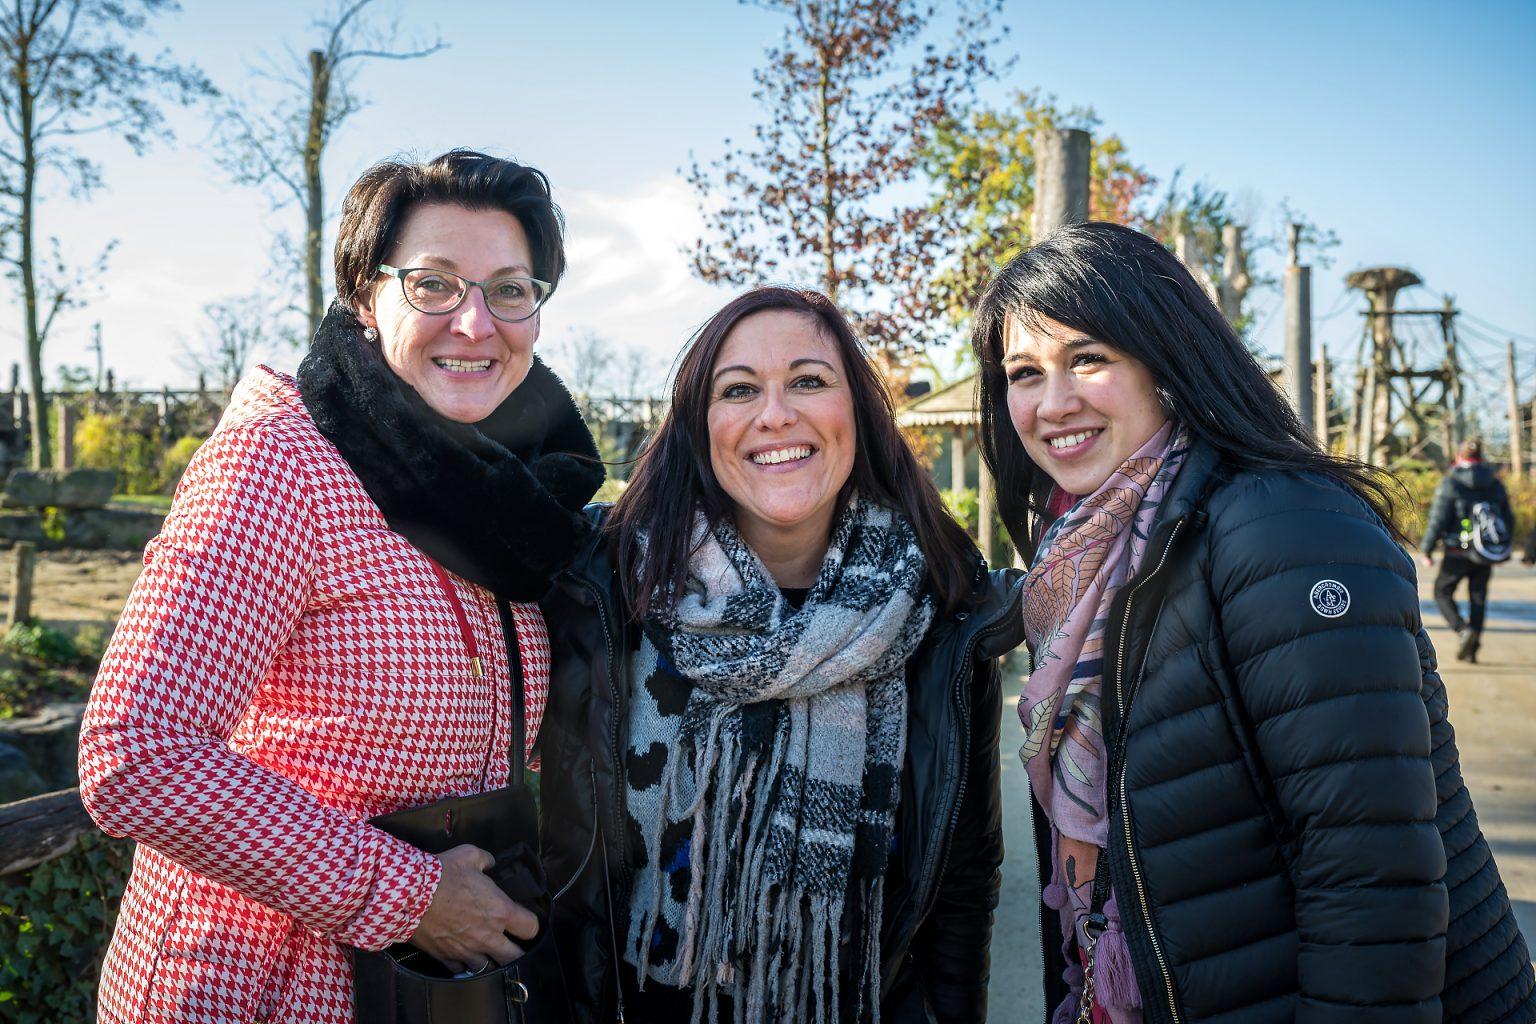 Trois membres d'équipe, Team building et quizz en équipe, Belfius Charleroi Centre & Villes à Pairi Daiza par Aurore Delsoir photographe événementiel